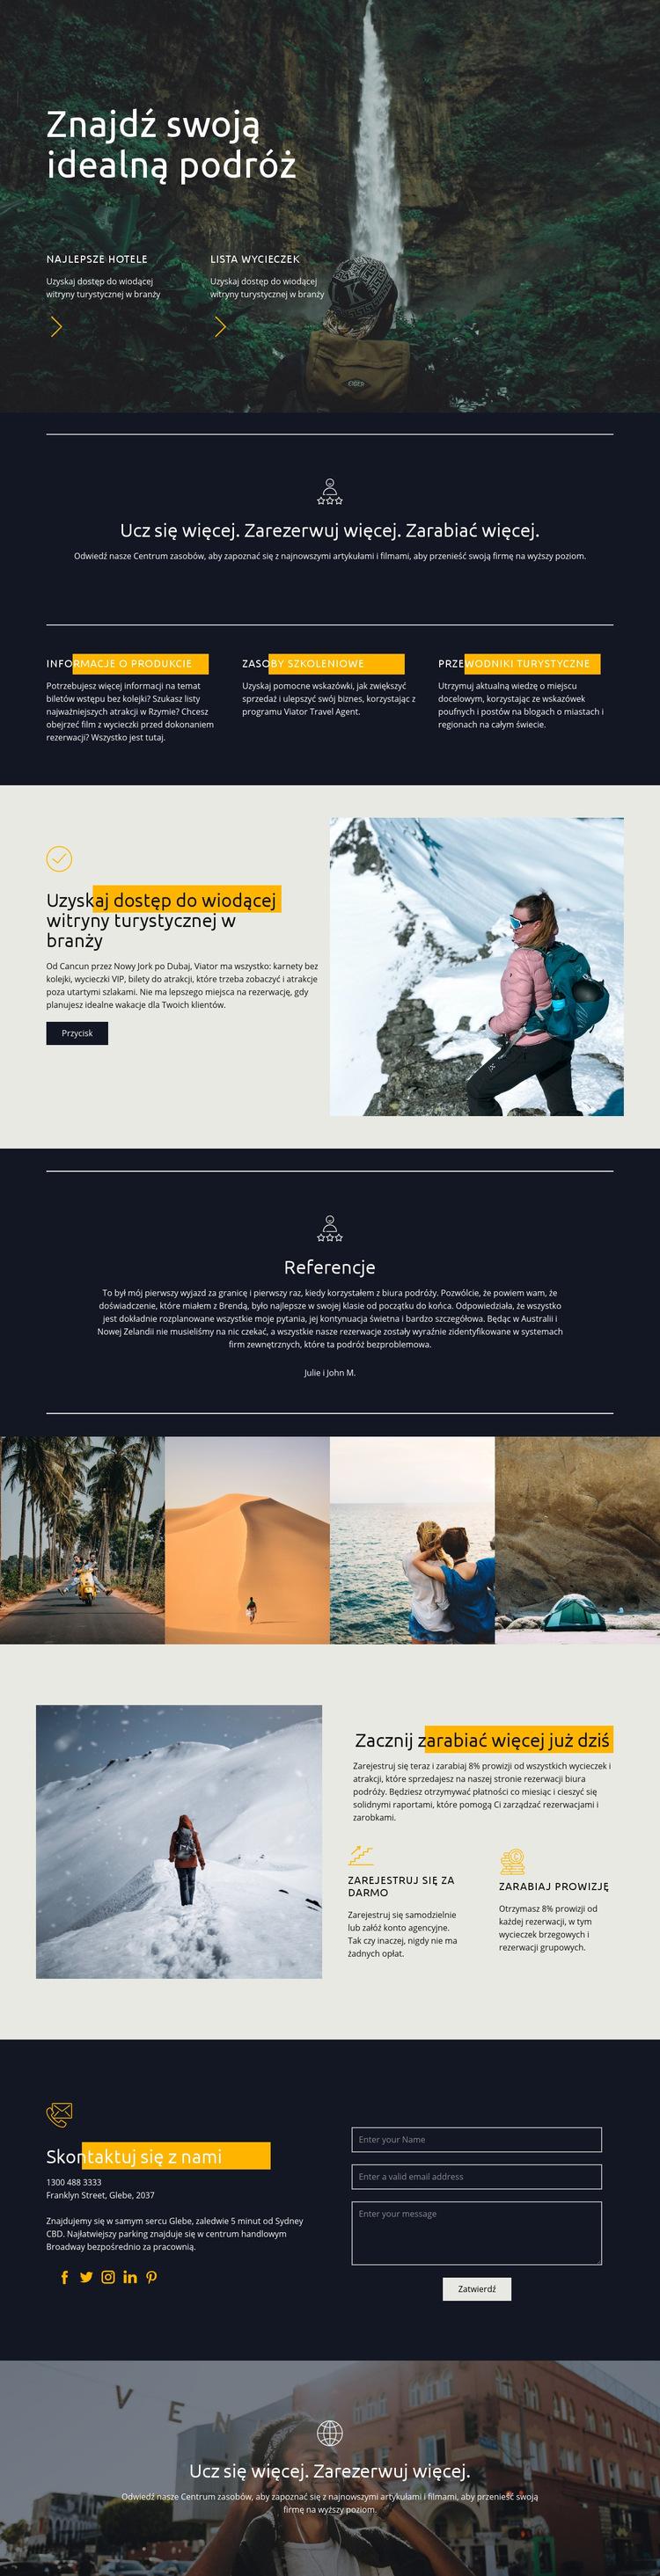 Znajdź idealną podróż Szablon witryny sieci Web